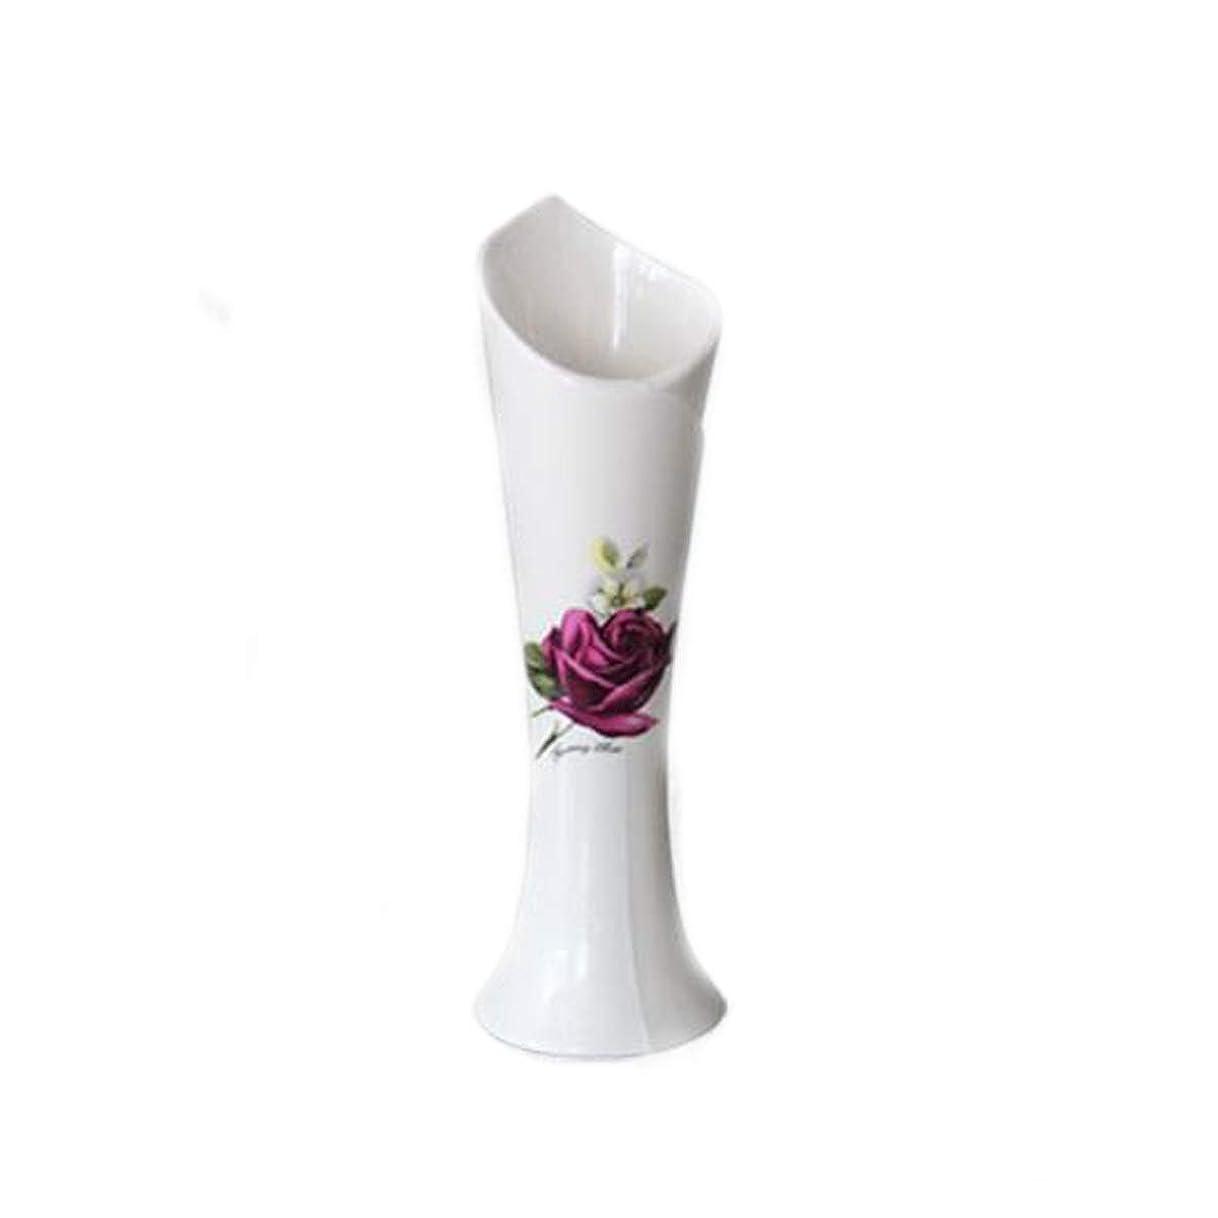 逮捕麺順番SLY 花瓶、セラミック花瓶、現代のミニマリストの装飾 (Color : White)